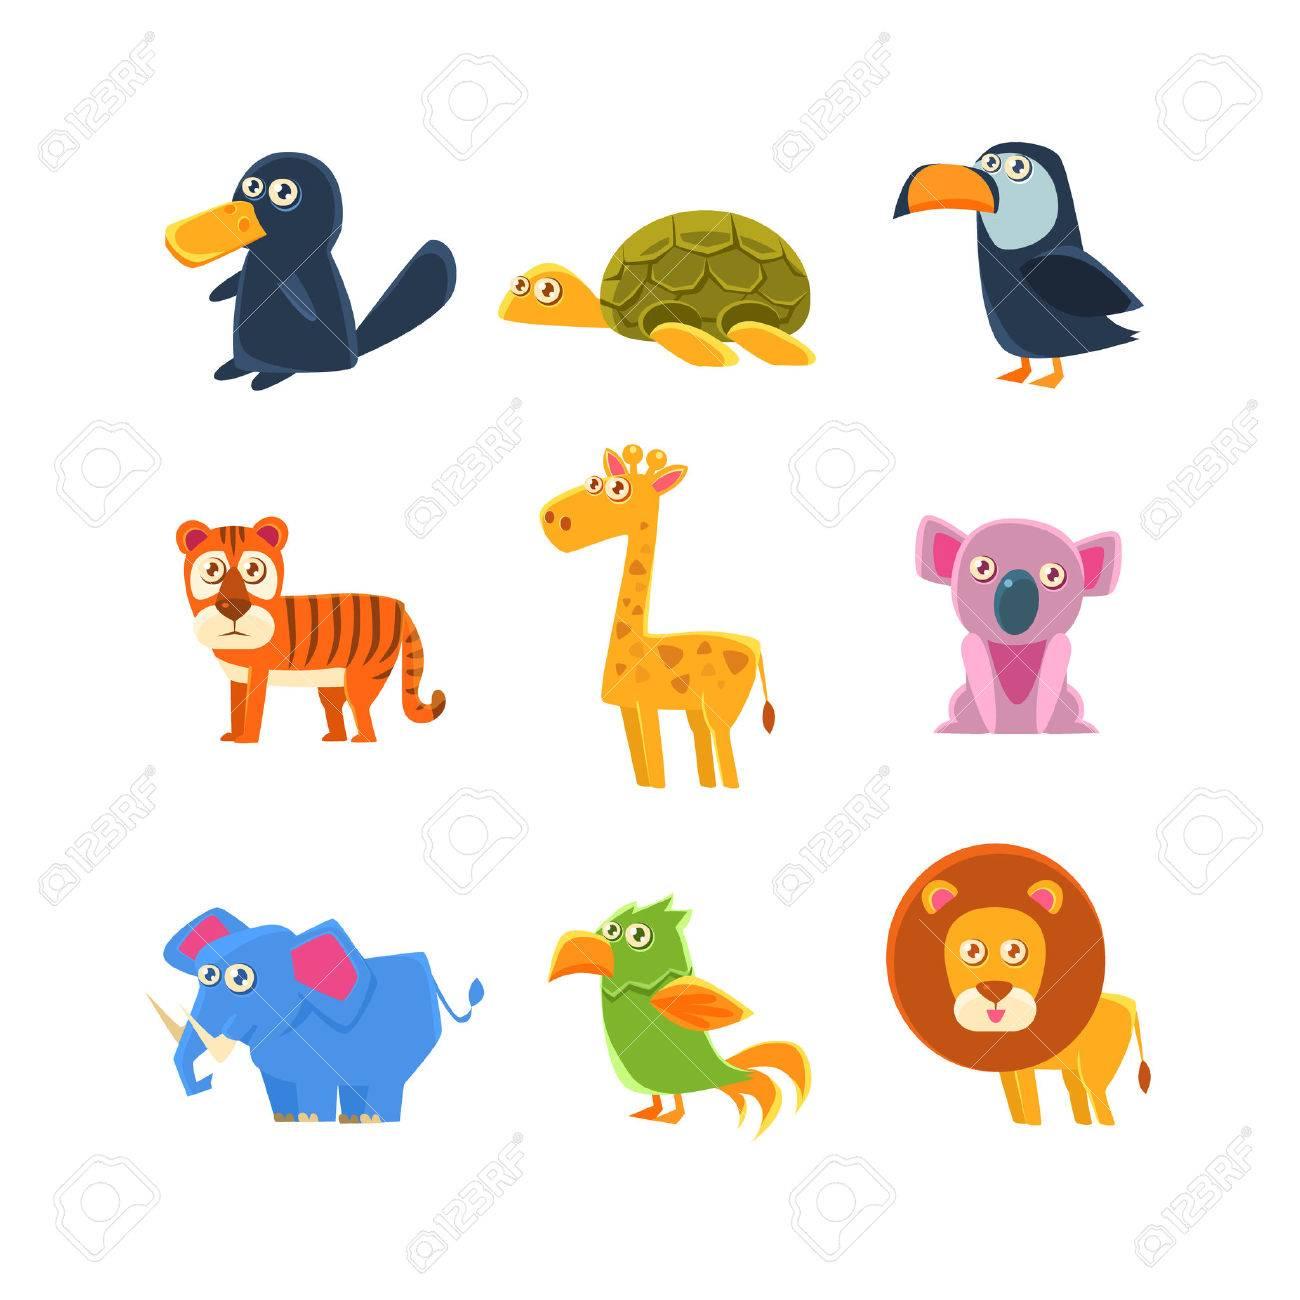 4a01c460a52f0 Foto de archivo - Los animales exóticos fauna Conjunto De Dibujos infantiles  tontos Aislado en el fondo blanco. Animal divertido engomadas coloridas del  ...